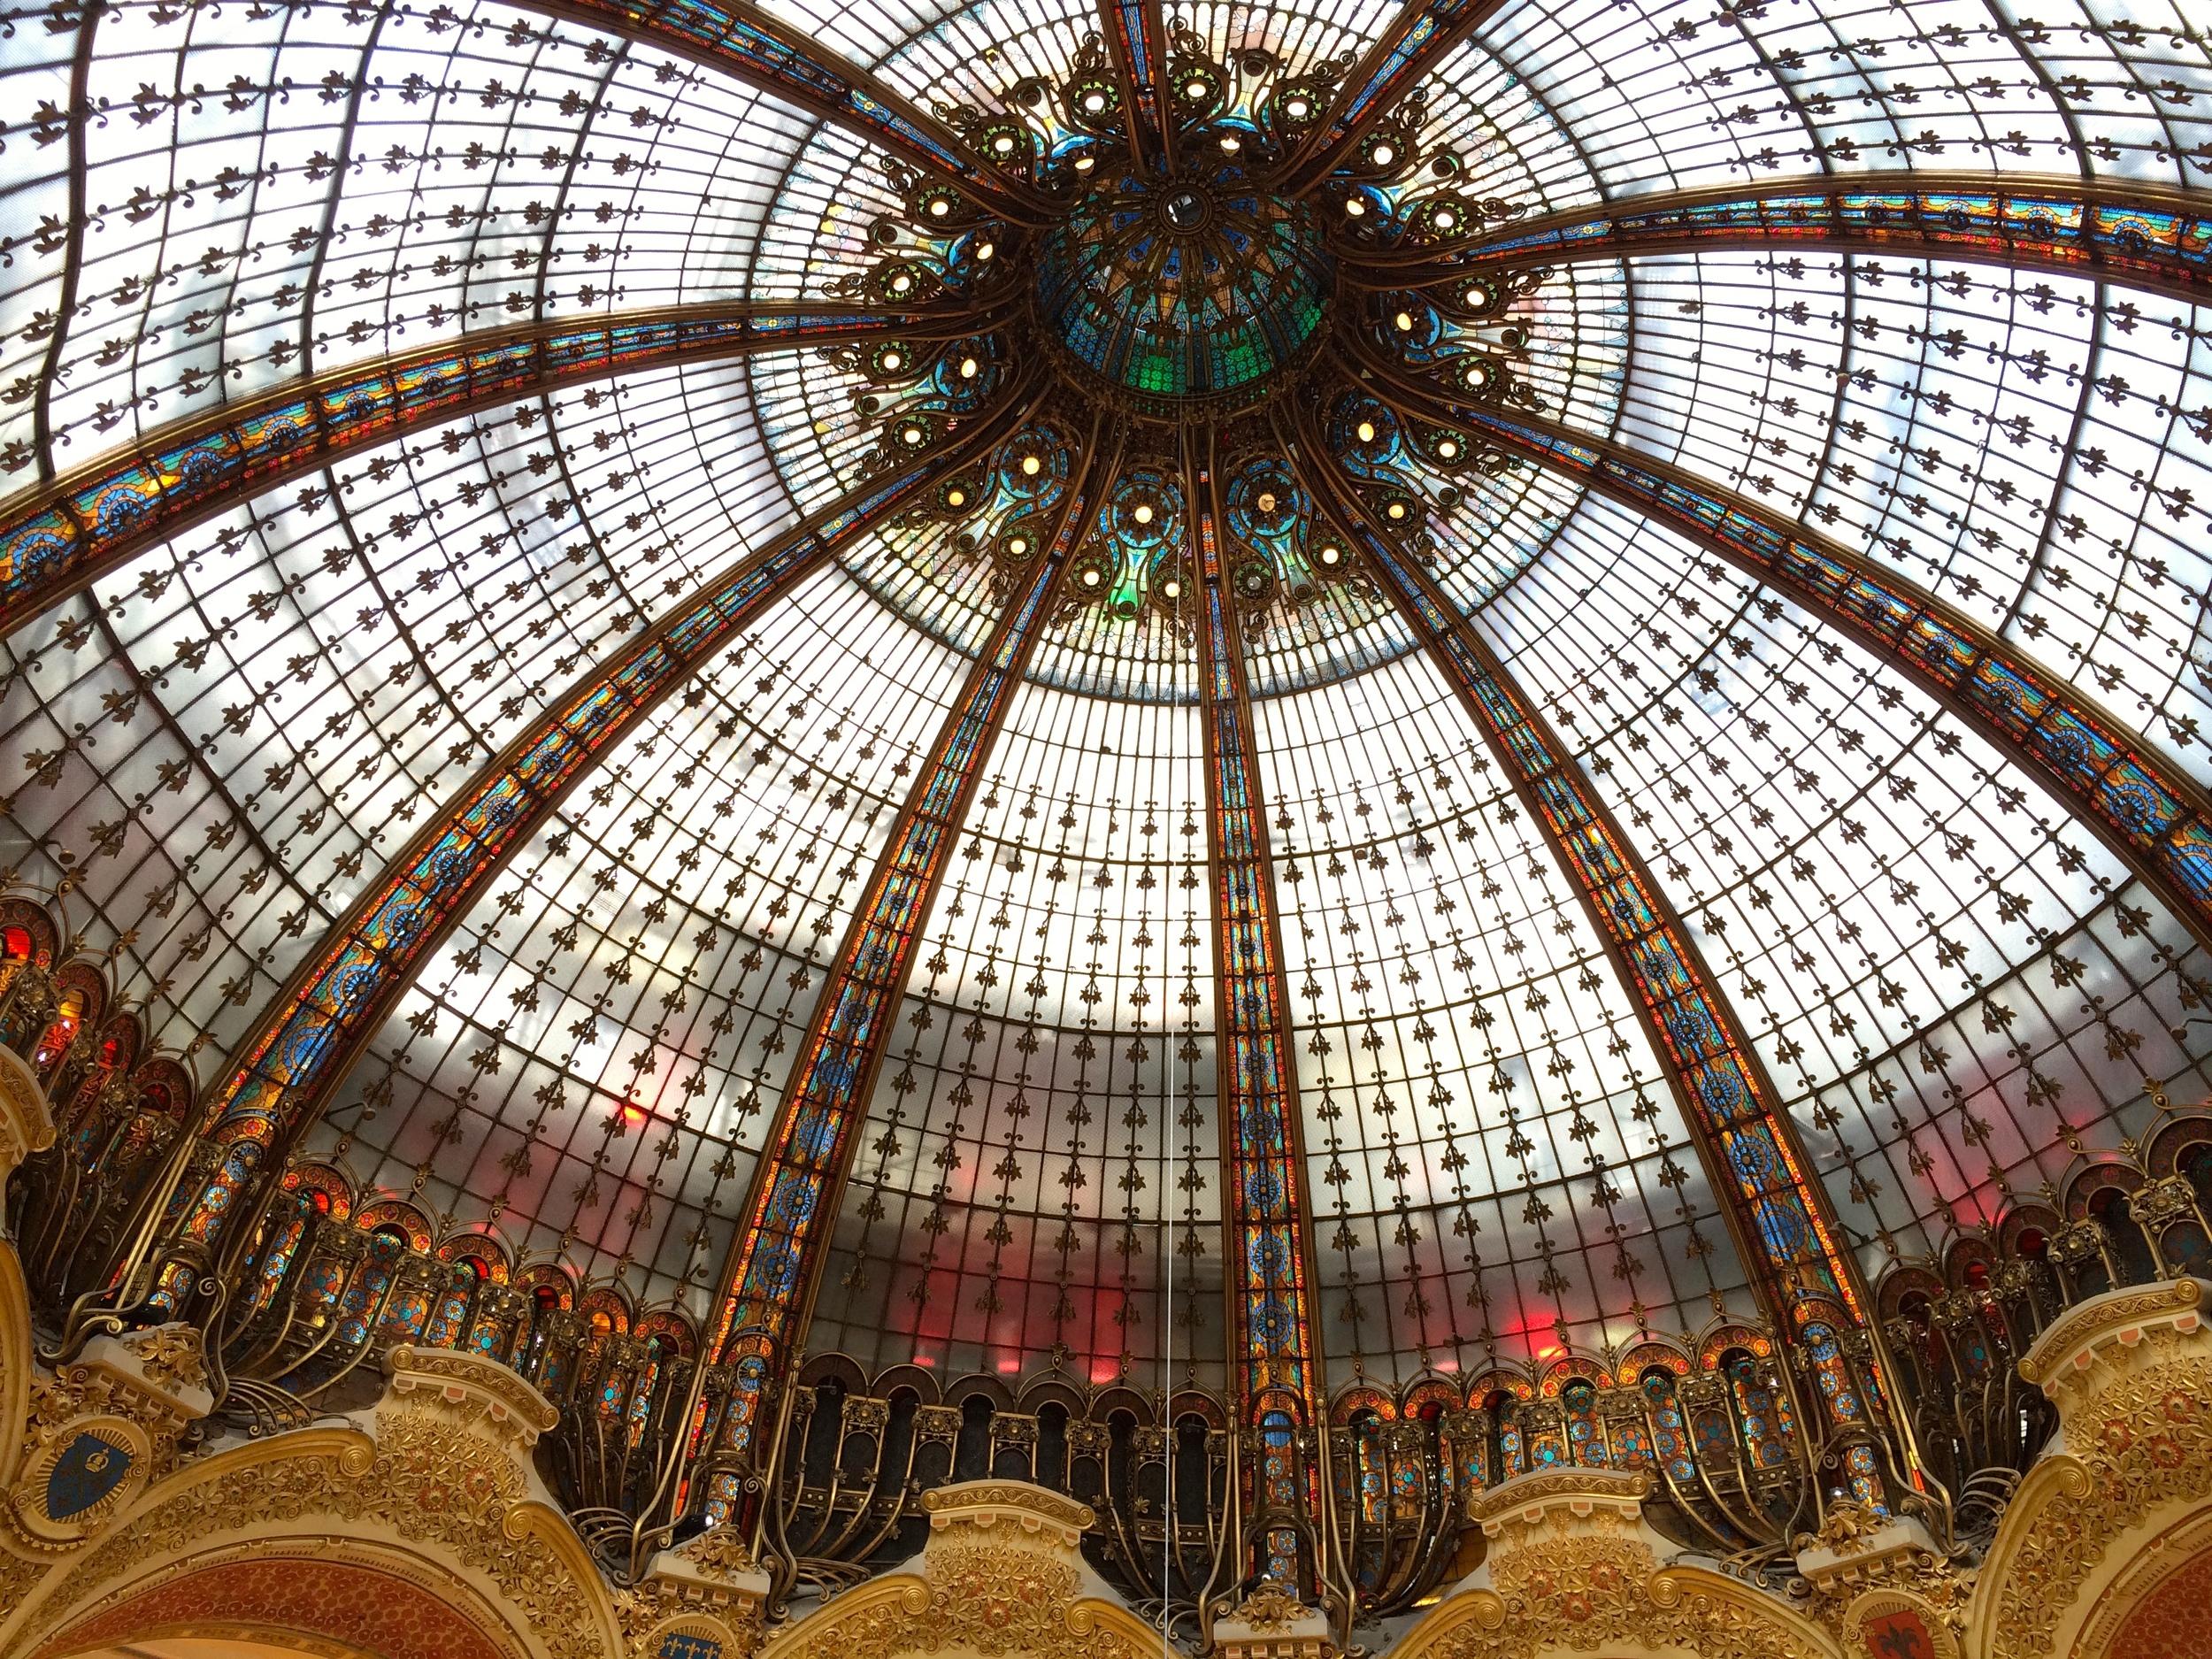 The phenomenal atrium at Galeries Lafayette department store.